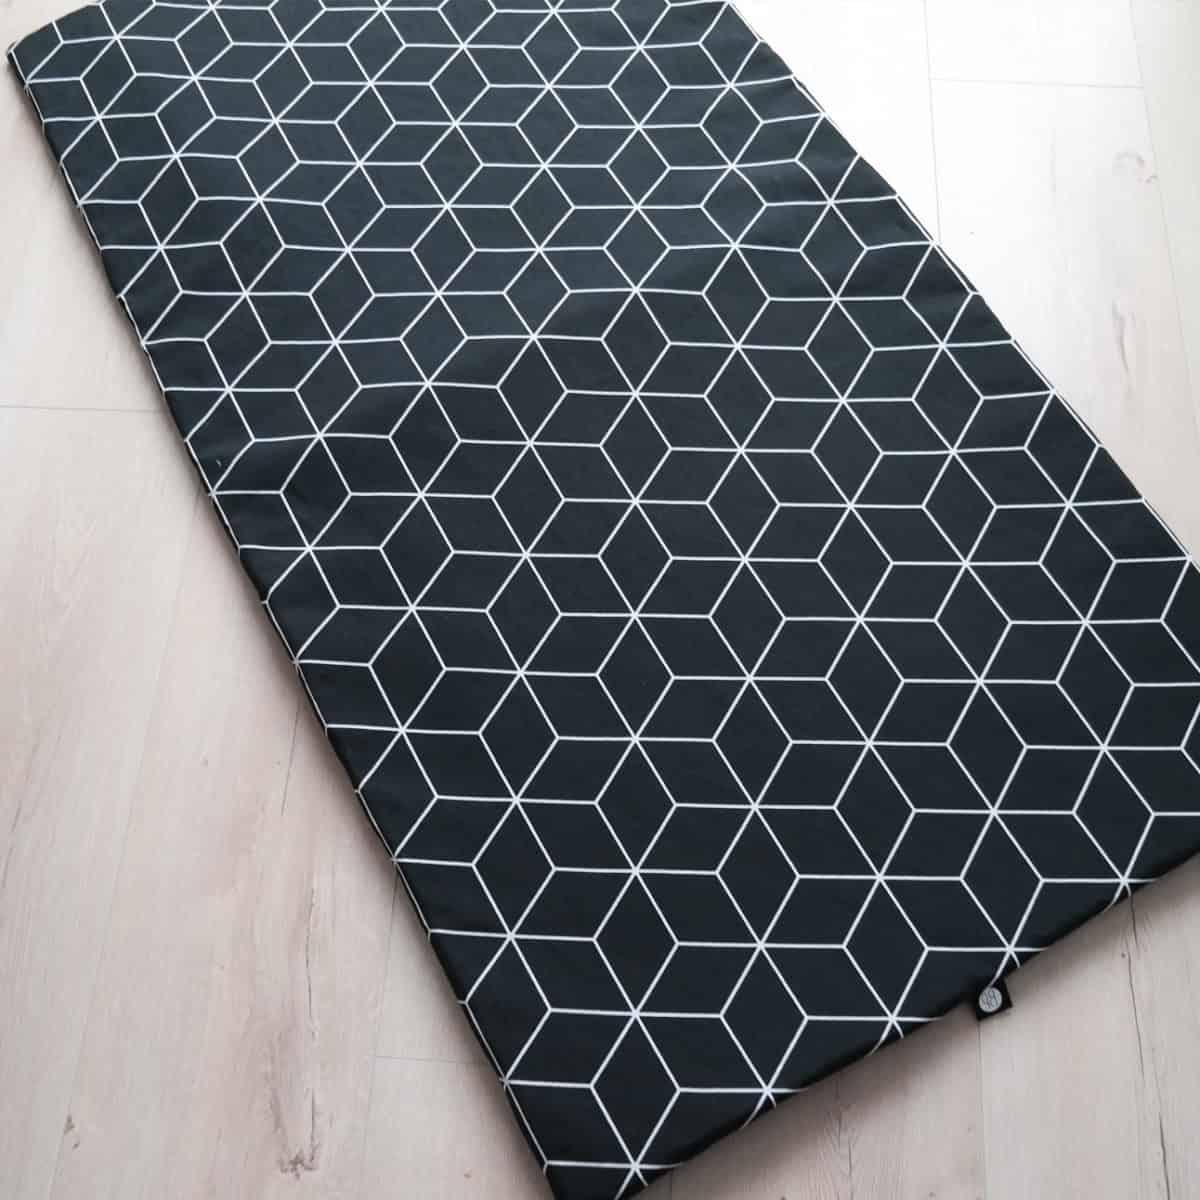 Tweelingboxkleed in zwart wit print